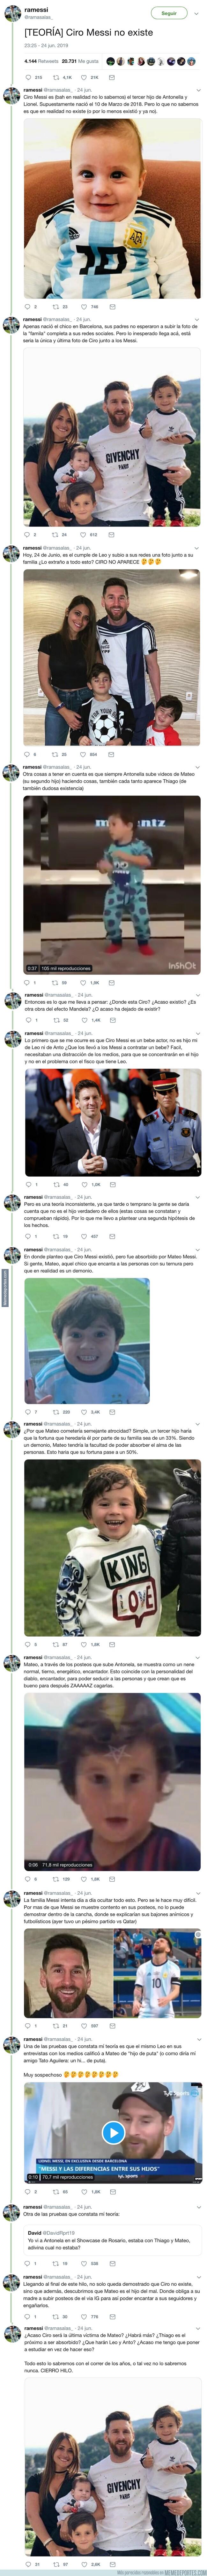 1079308 - La loca teoría que circula por Internet de que Ciro, el hijo de Messi, no existe